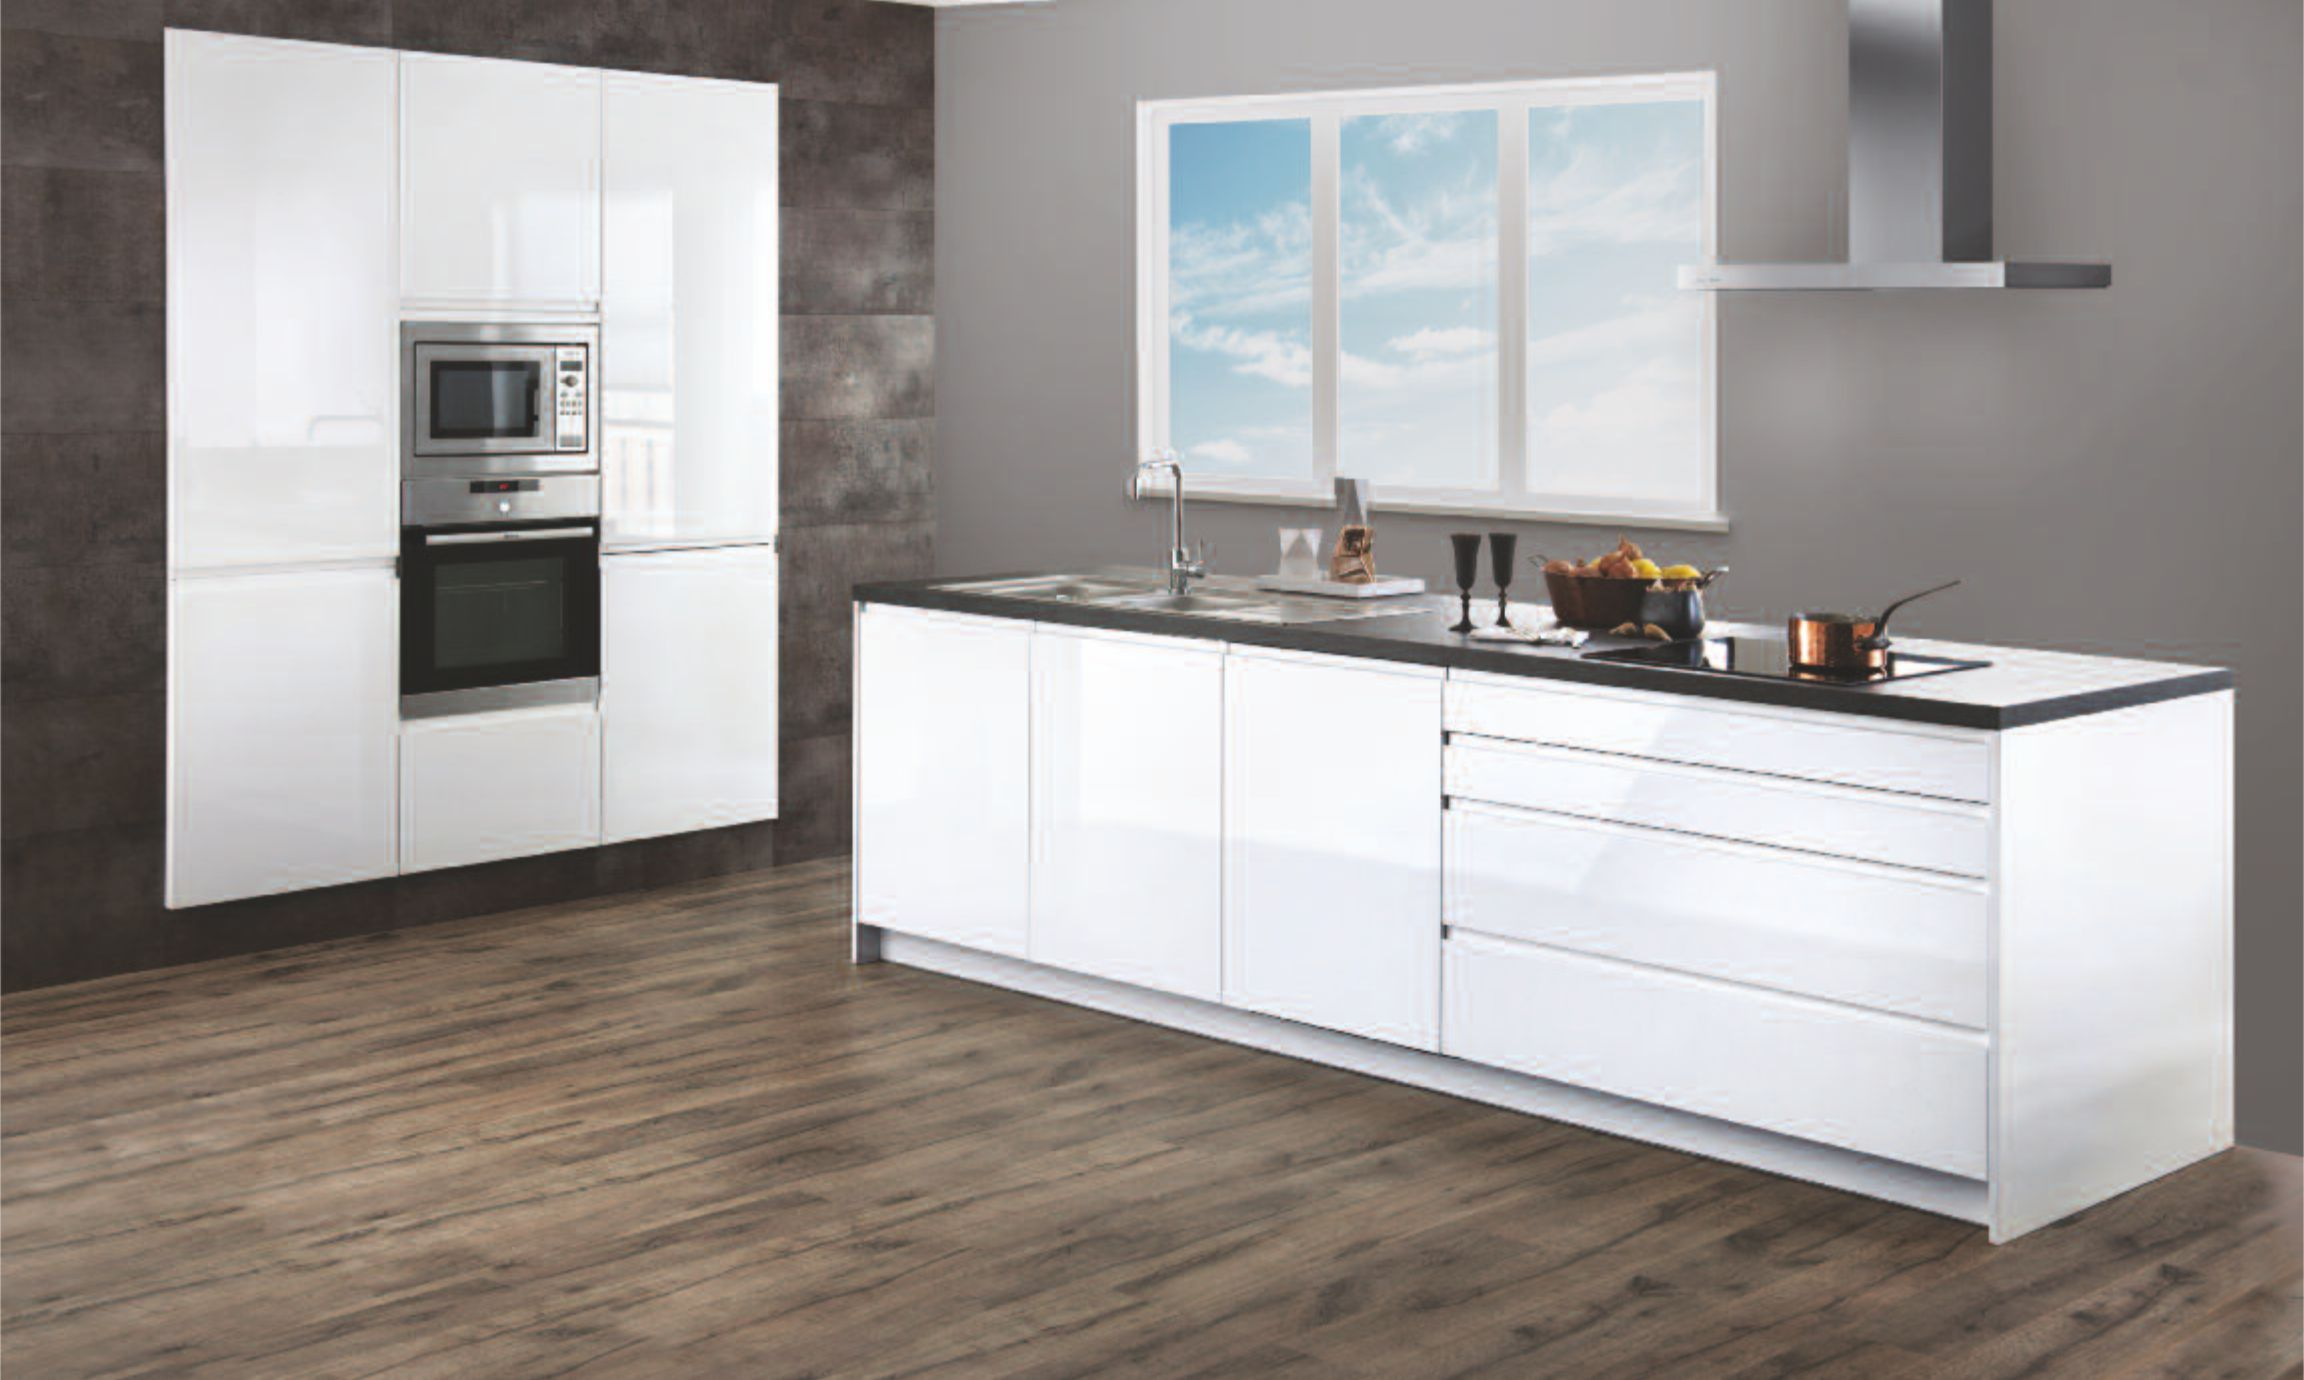 Moderne keuken, hoogglans wit - Kristal Keukens Gorredijk Heerenveen